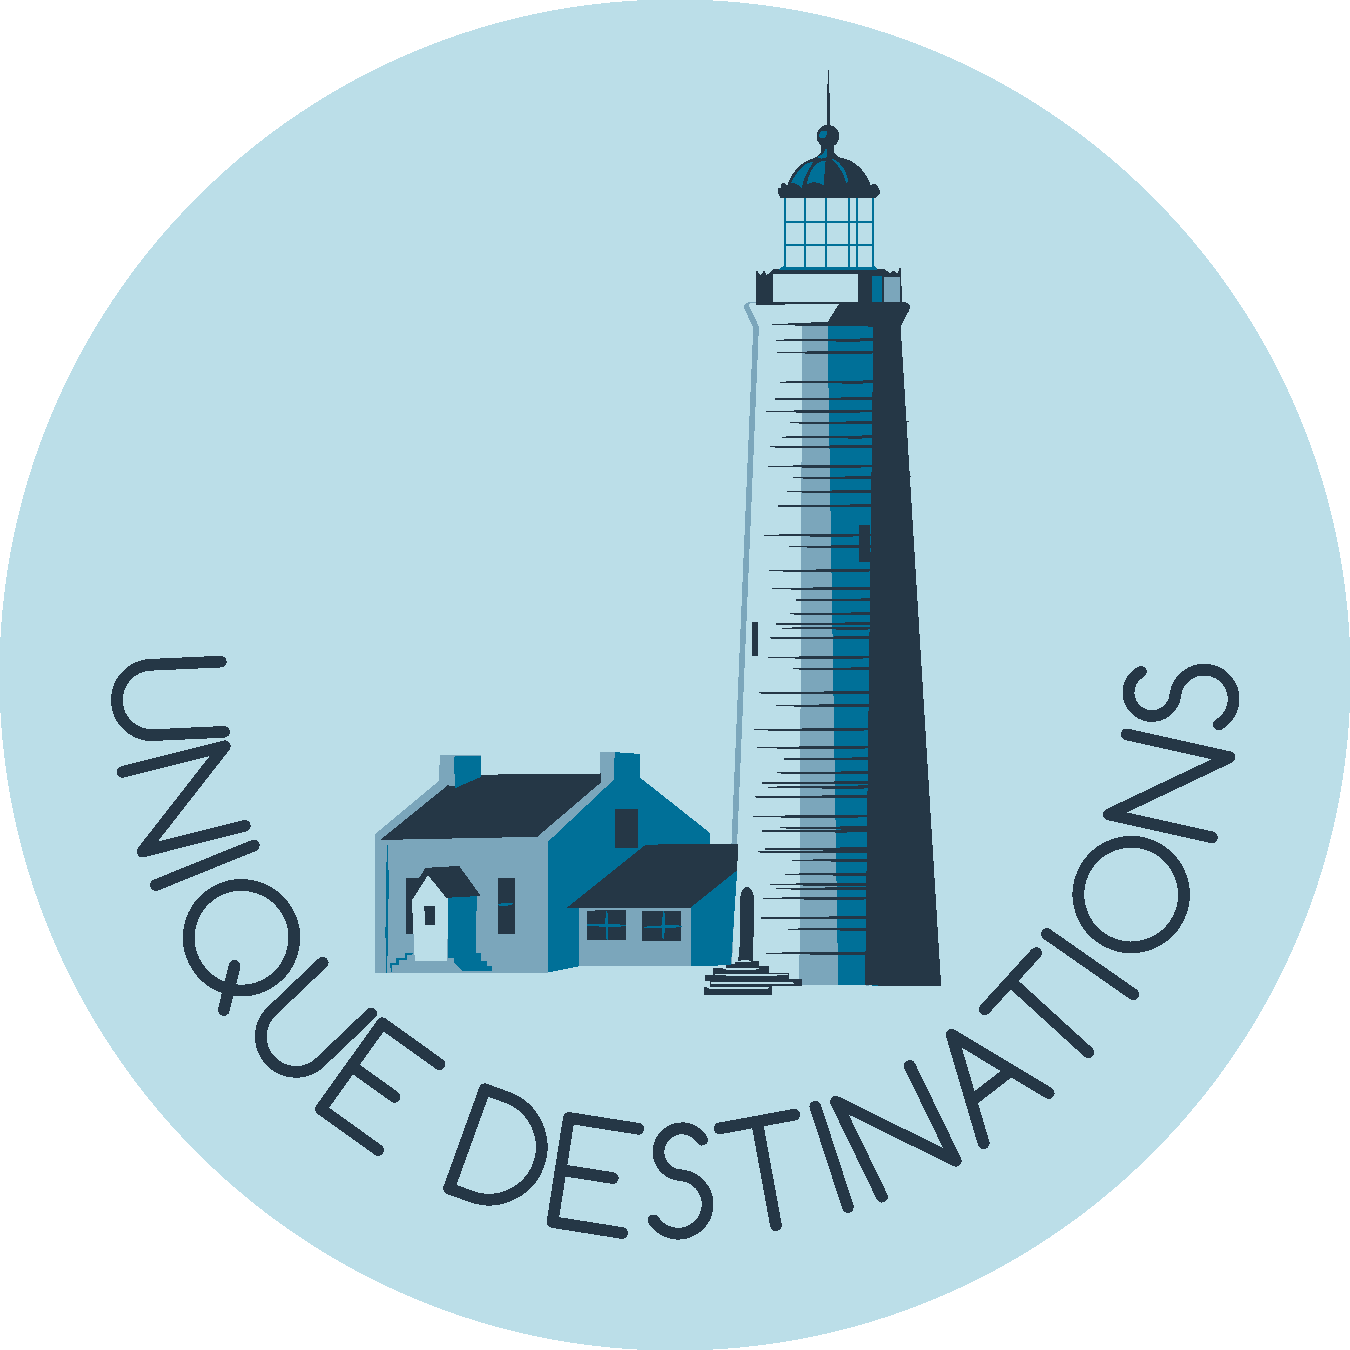 Lighthouse Rocks Unique Destinations